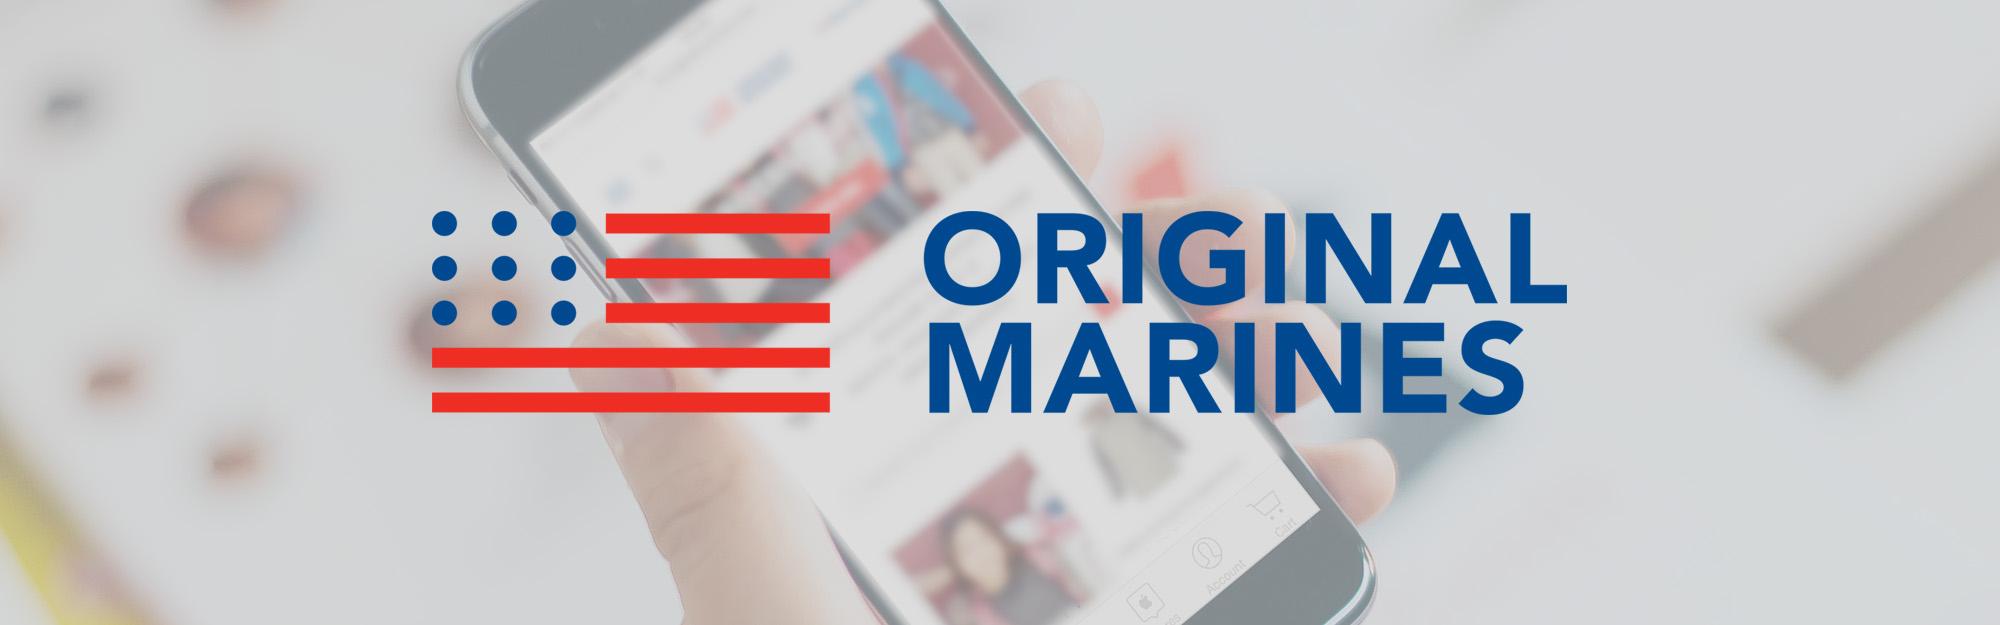 Original Marines sceglie IQUII per affrontare il passaggio al mobile nel 2016